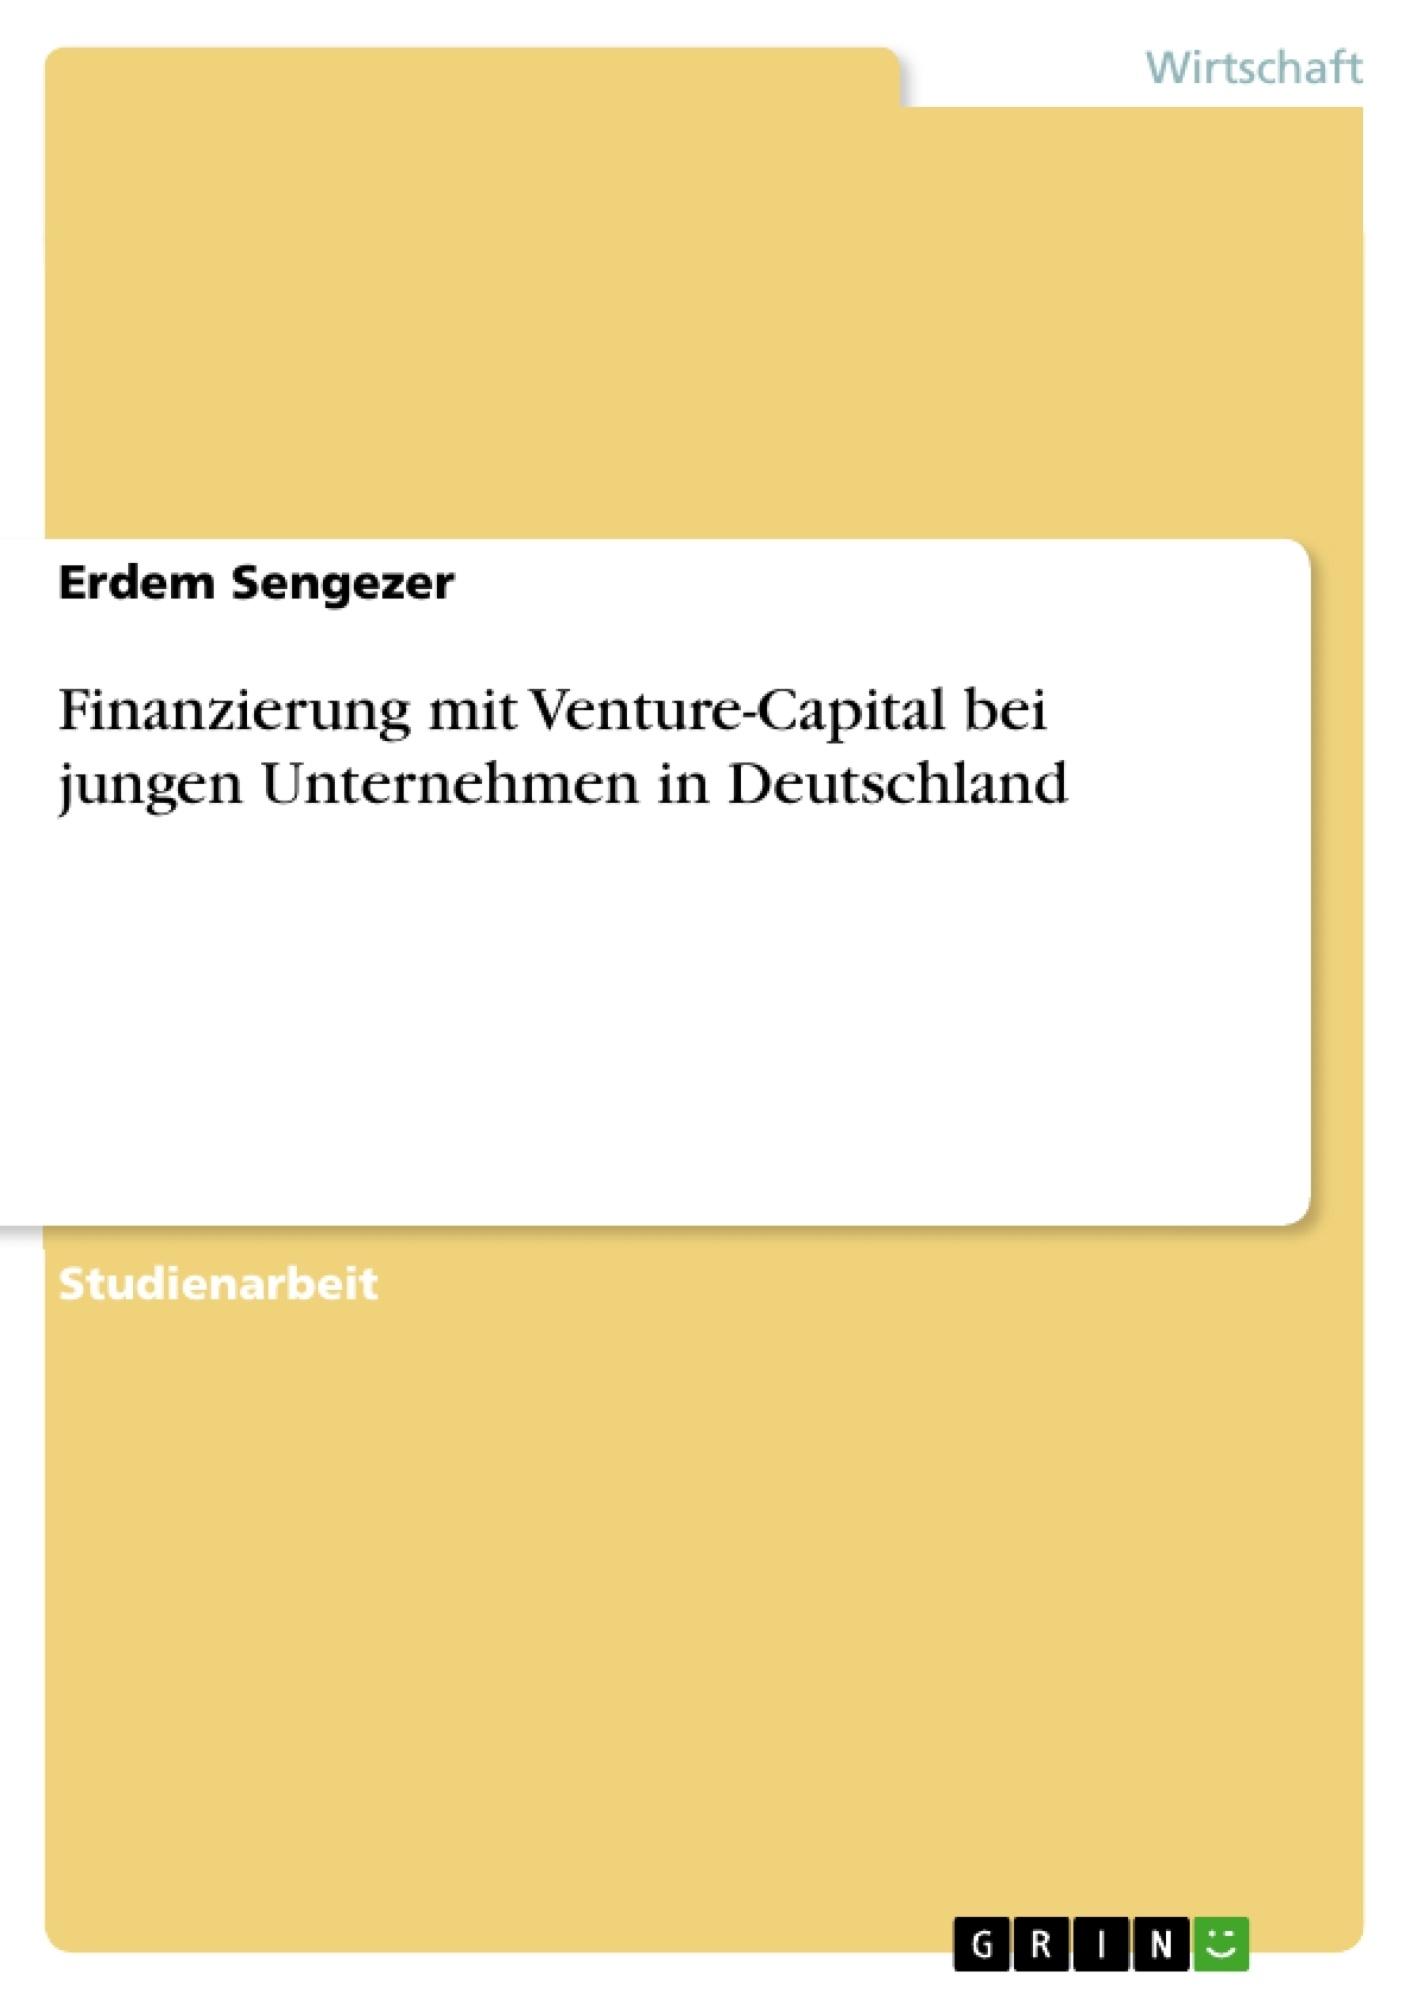 Titel: Finanzierung mit Venture-Capital bei jungen Unternehmen in Deutschland